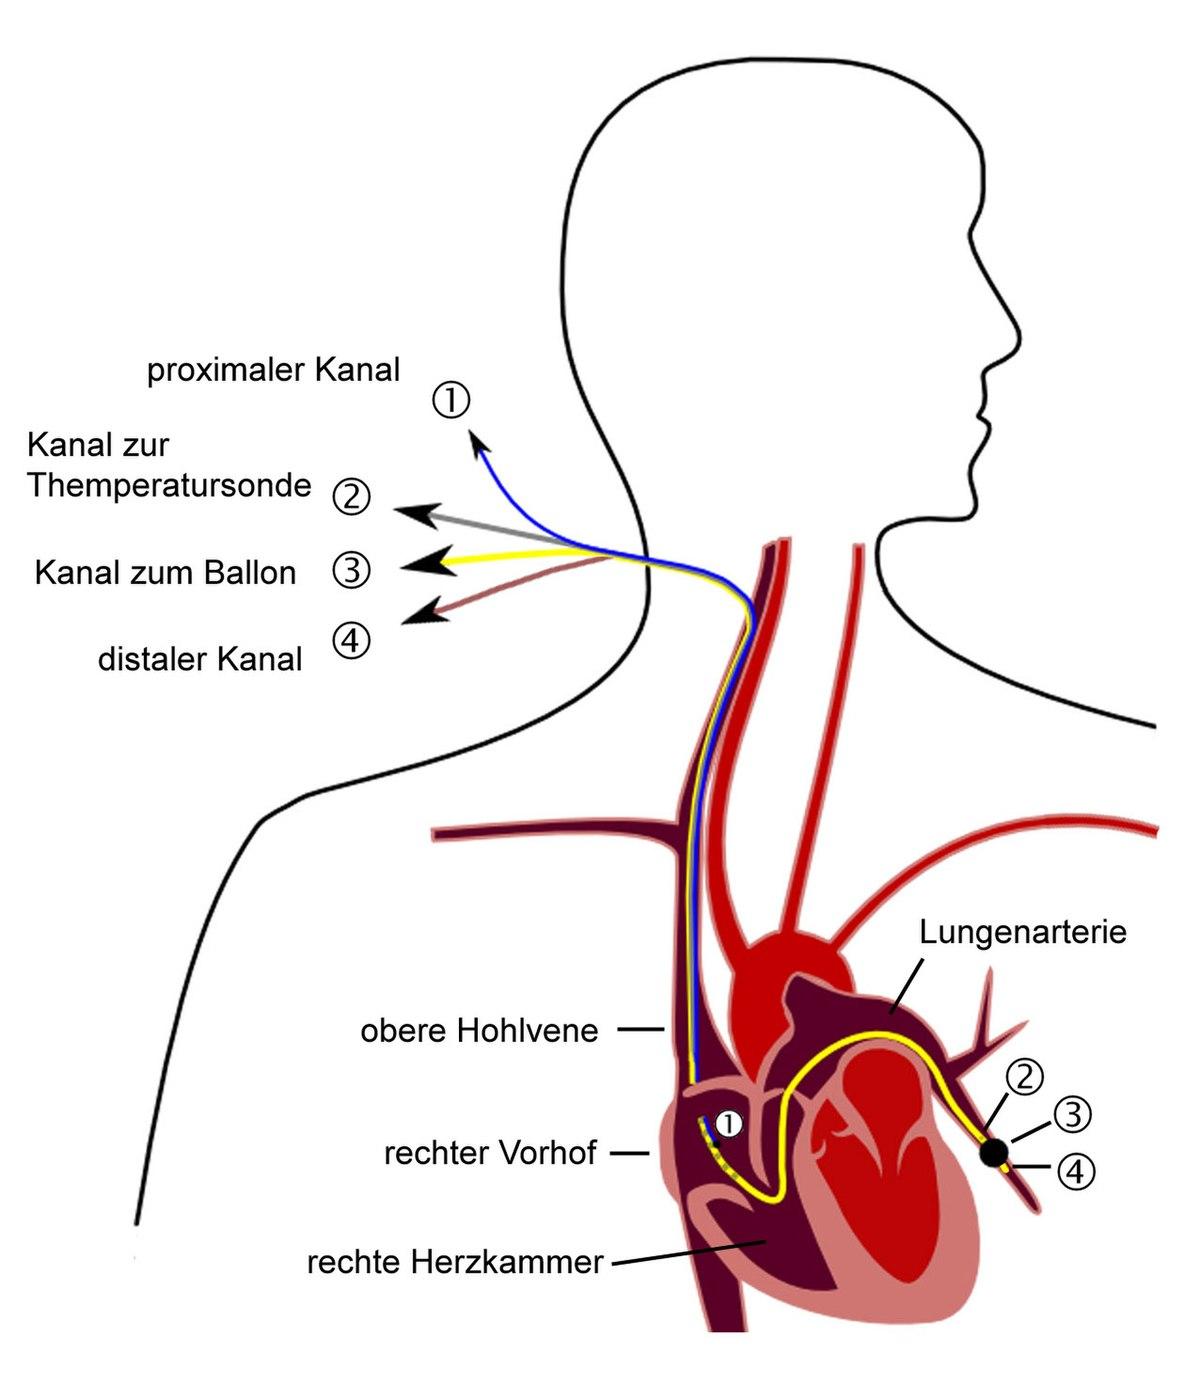 Swan-Ganz-Katheter – Wikipedia